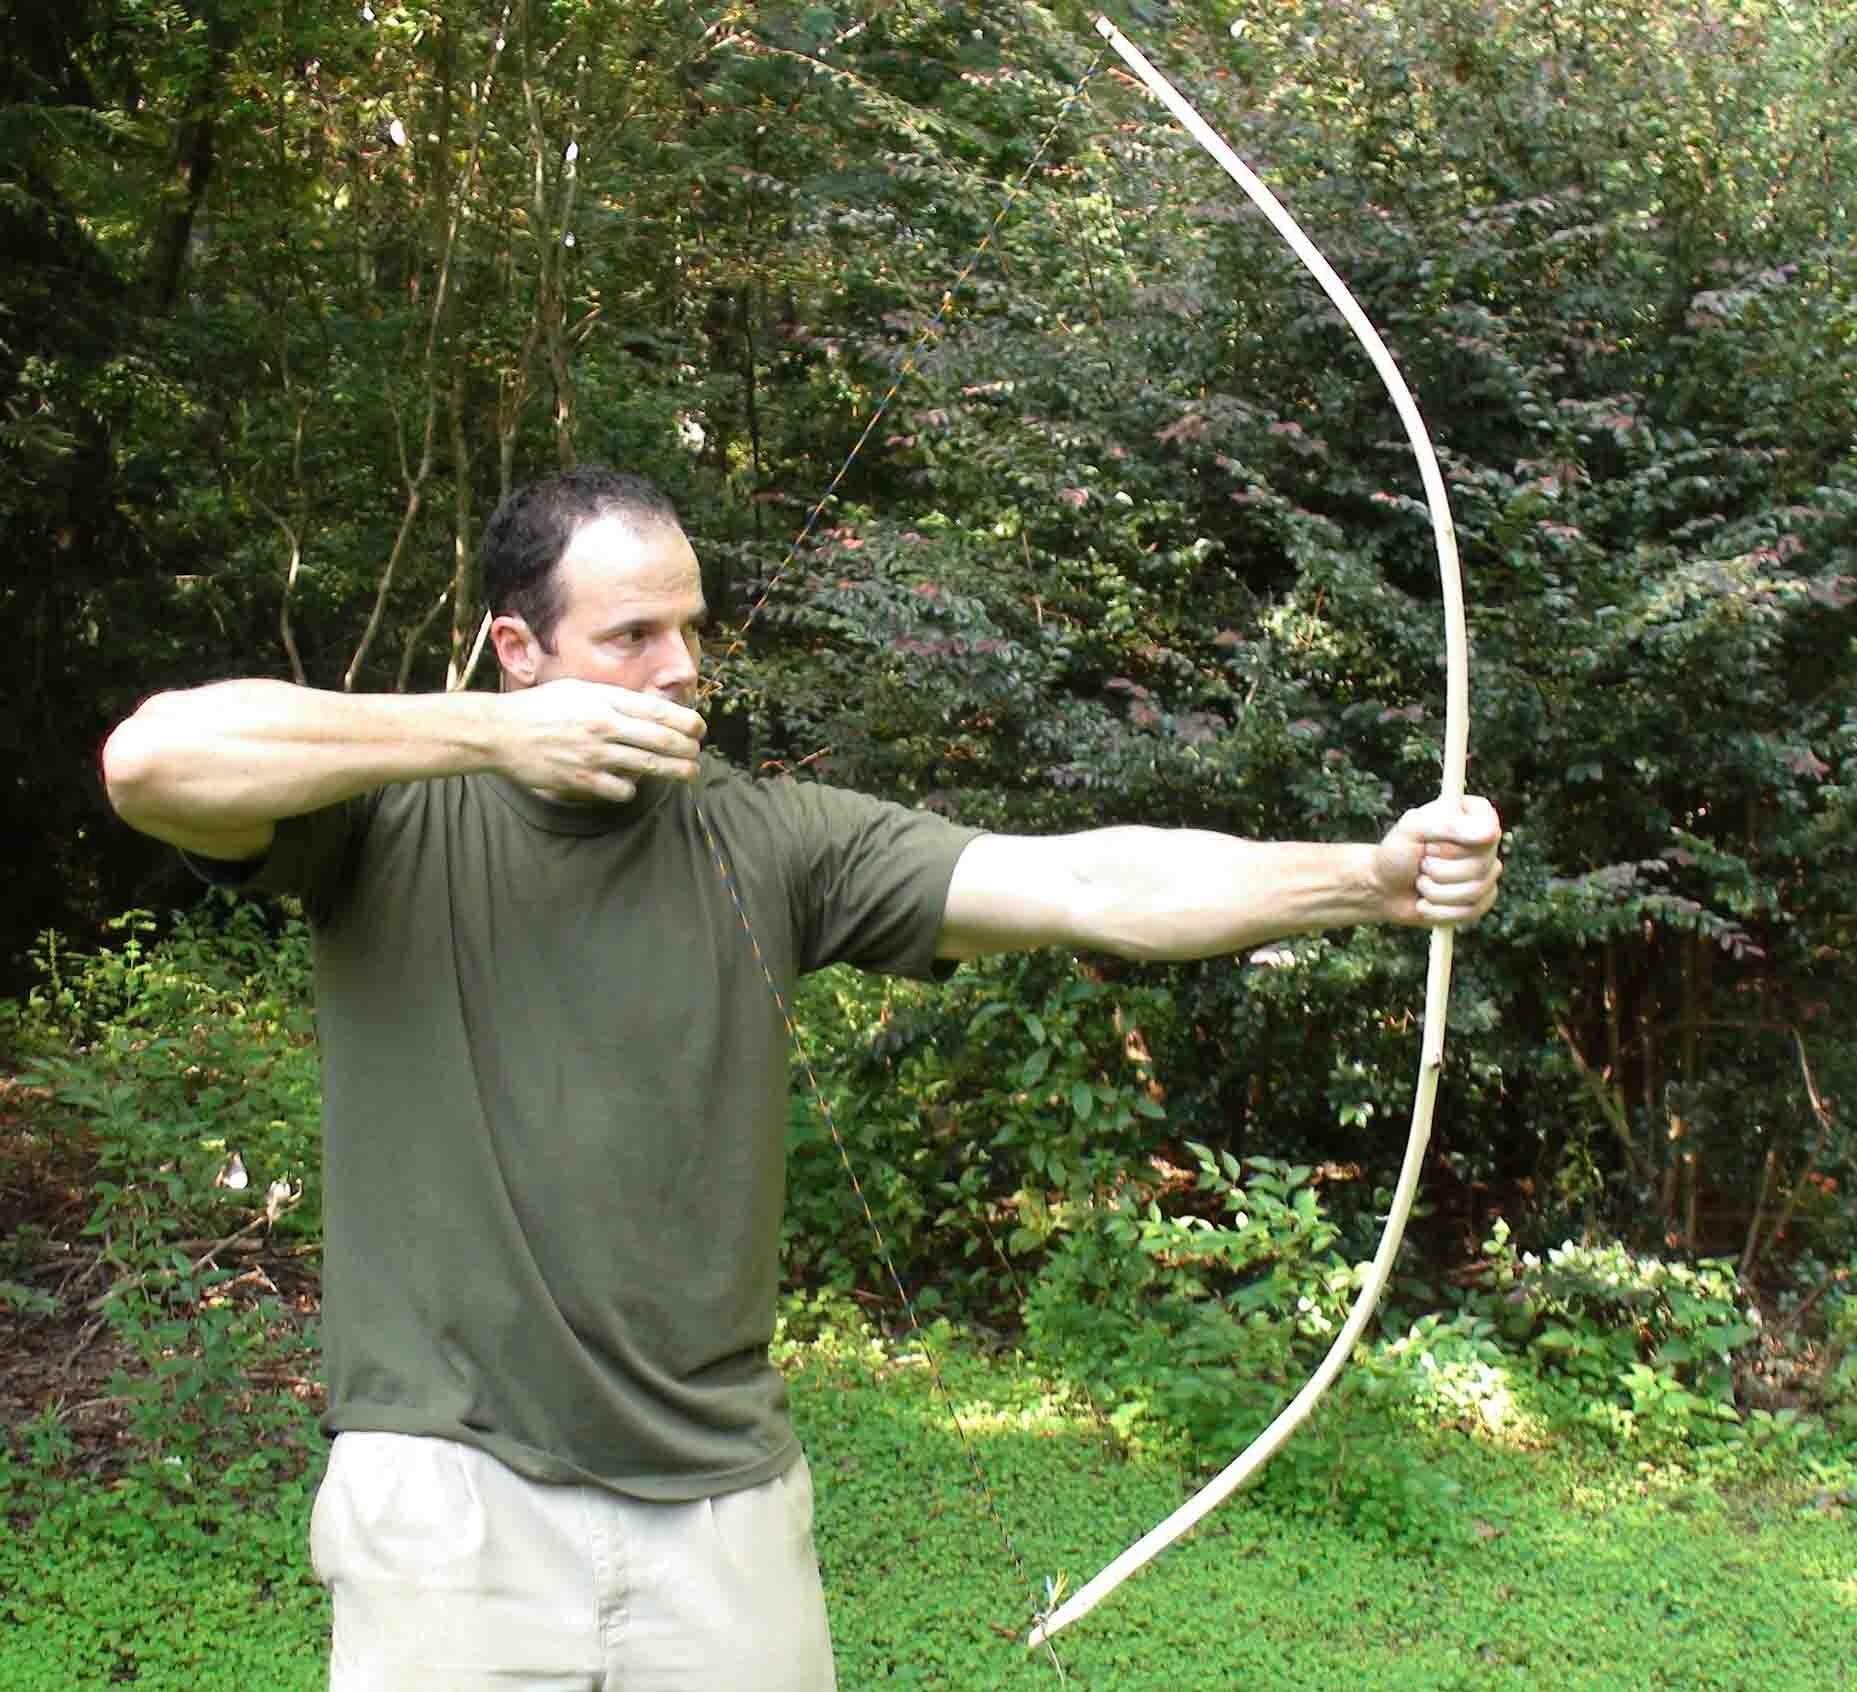 Making a Primitive Bow, Part 1.